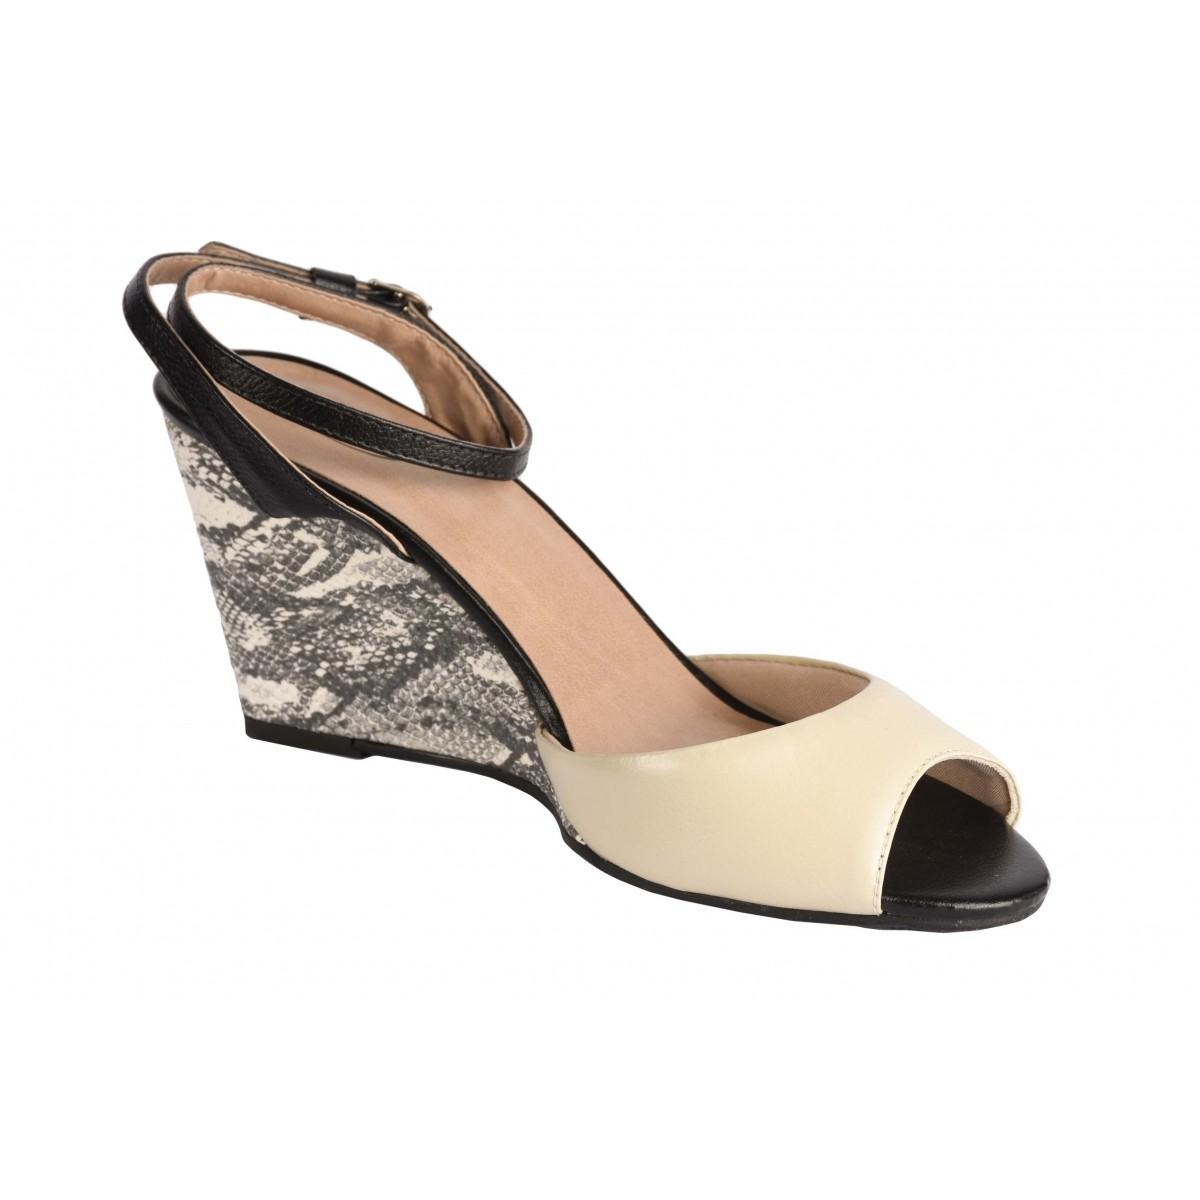 Sandália Neftali Comfort bico peep-toe com salto alto elegante